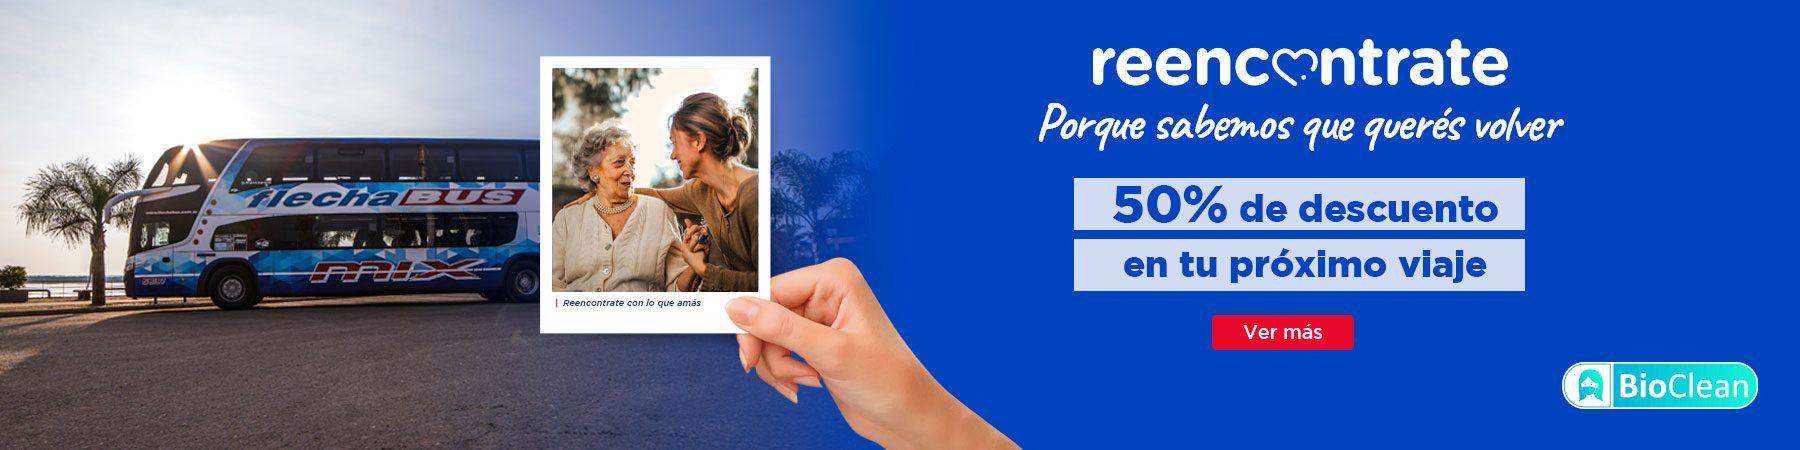 beneficio reencontrate viajar micro descuento 50% argentina flecha Bus V